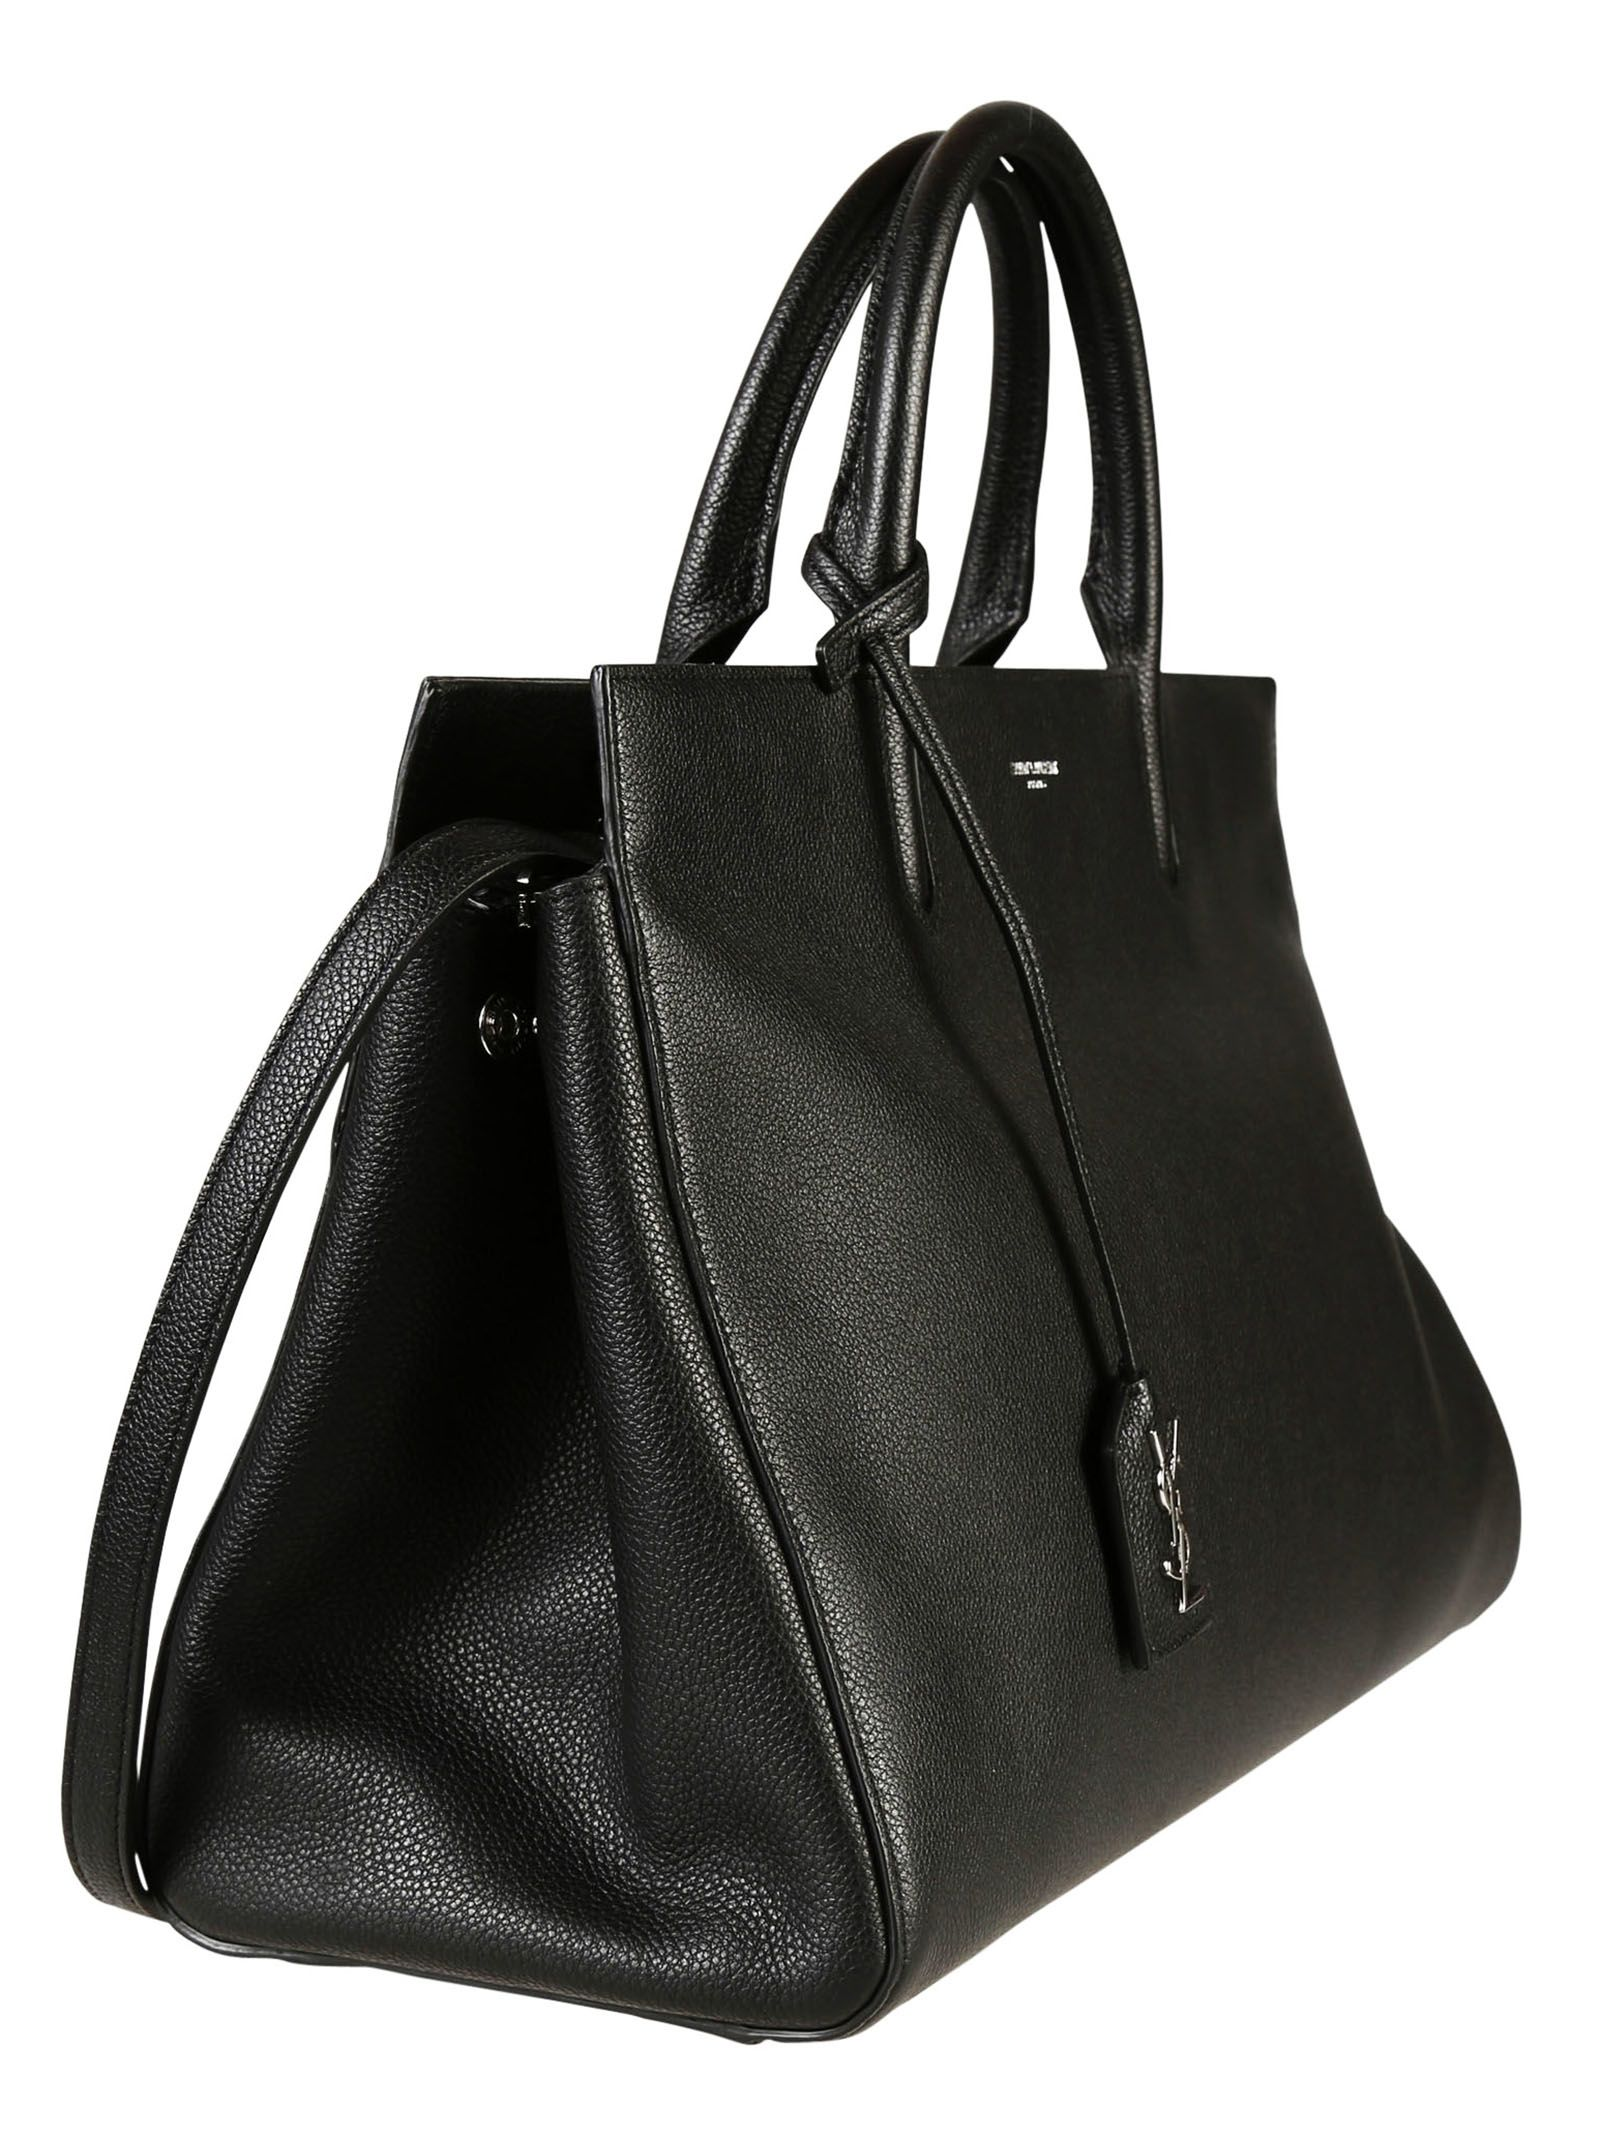 865f618be4 Saint Laurent Saint Laurent Medium Cabas Rive Gauche Bag in Black Grained  Leather - 373889